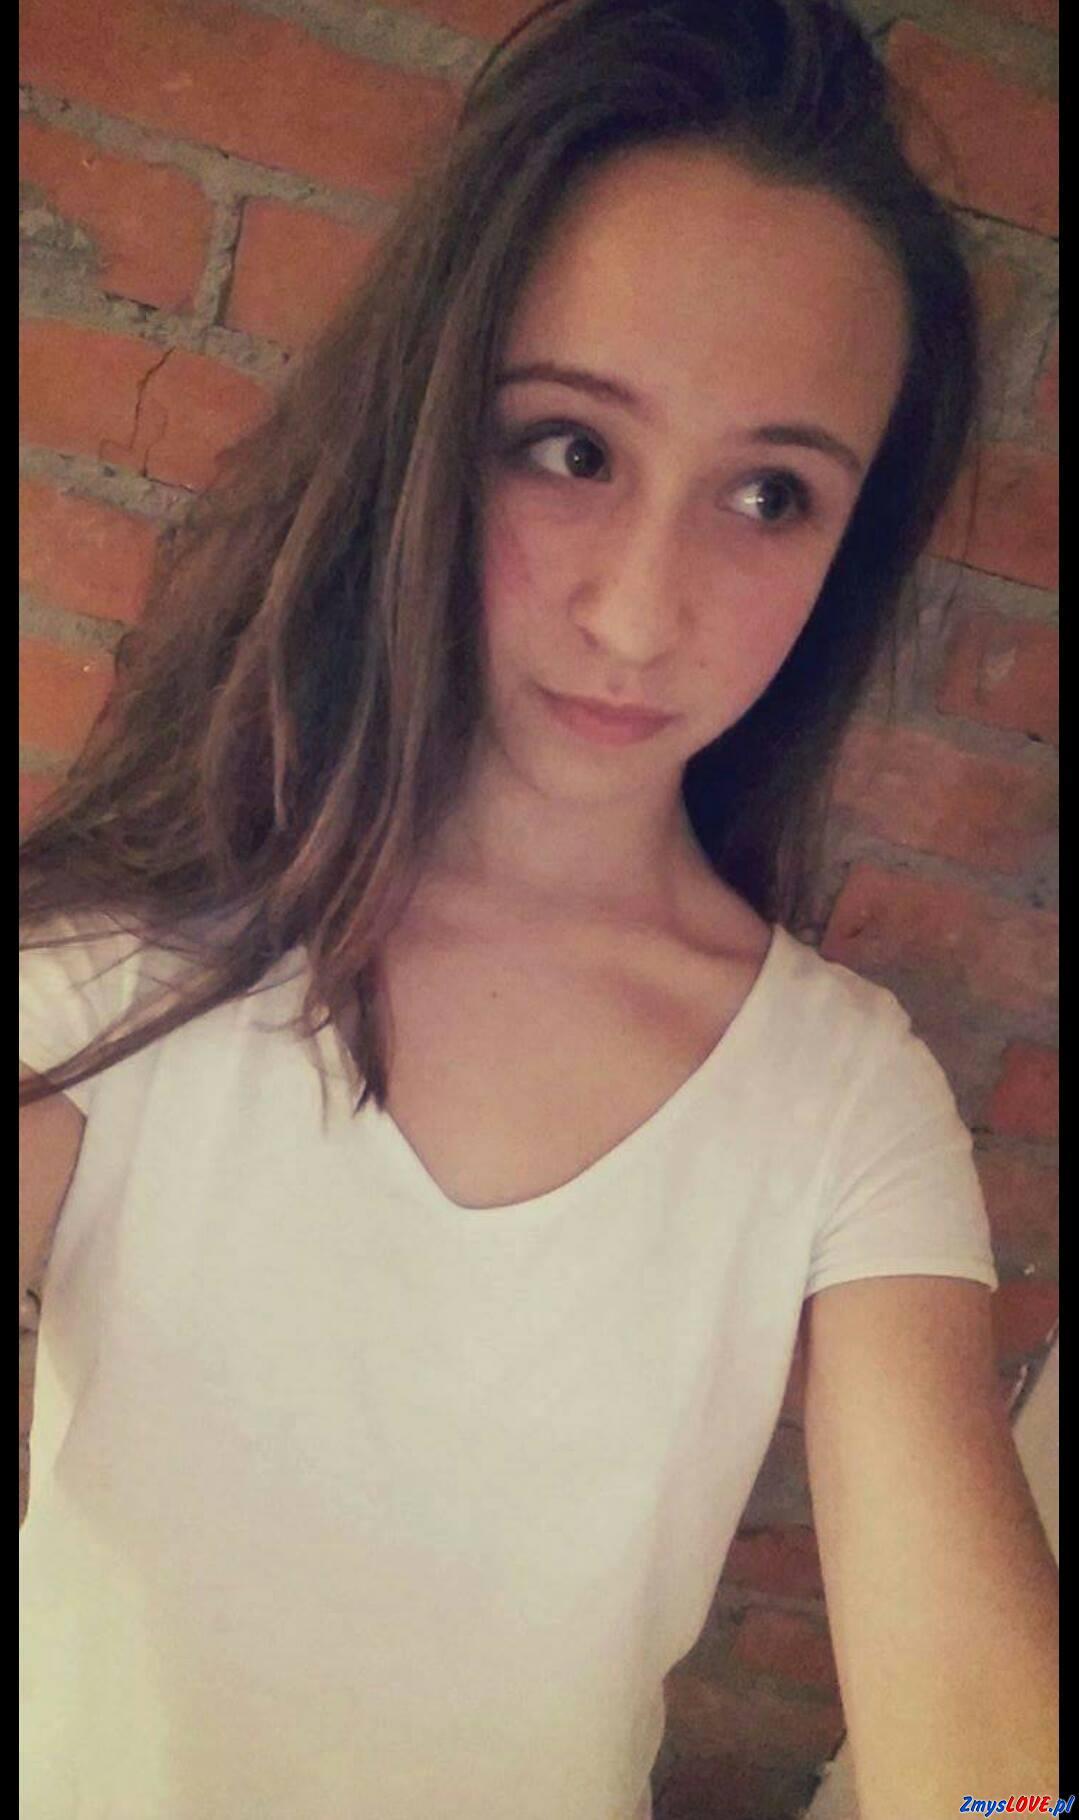 Elżbieta, 15 lat, Suwałki